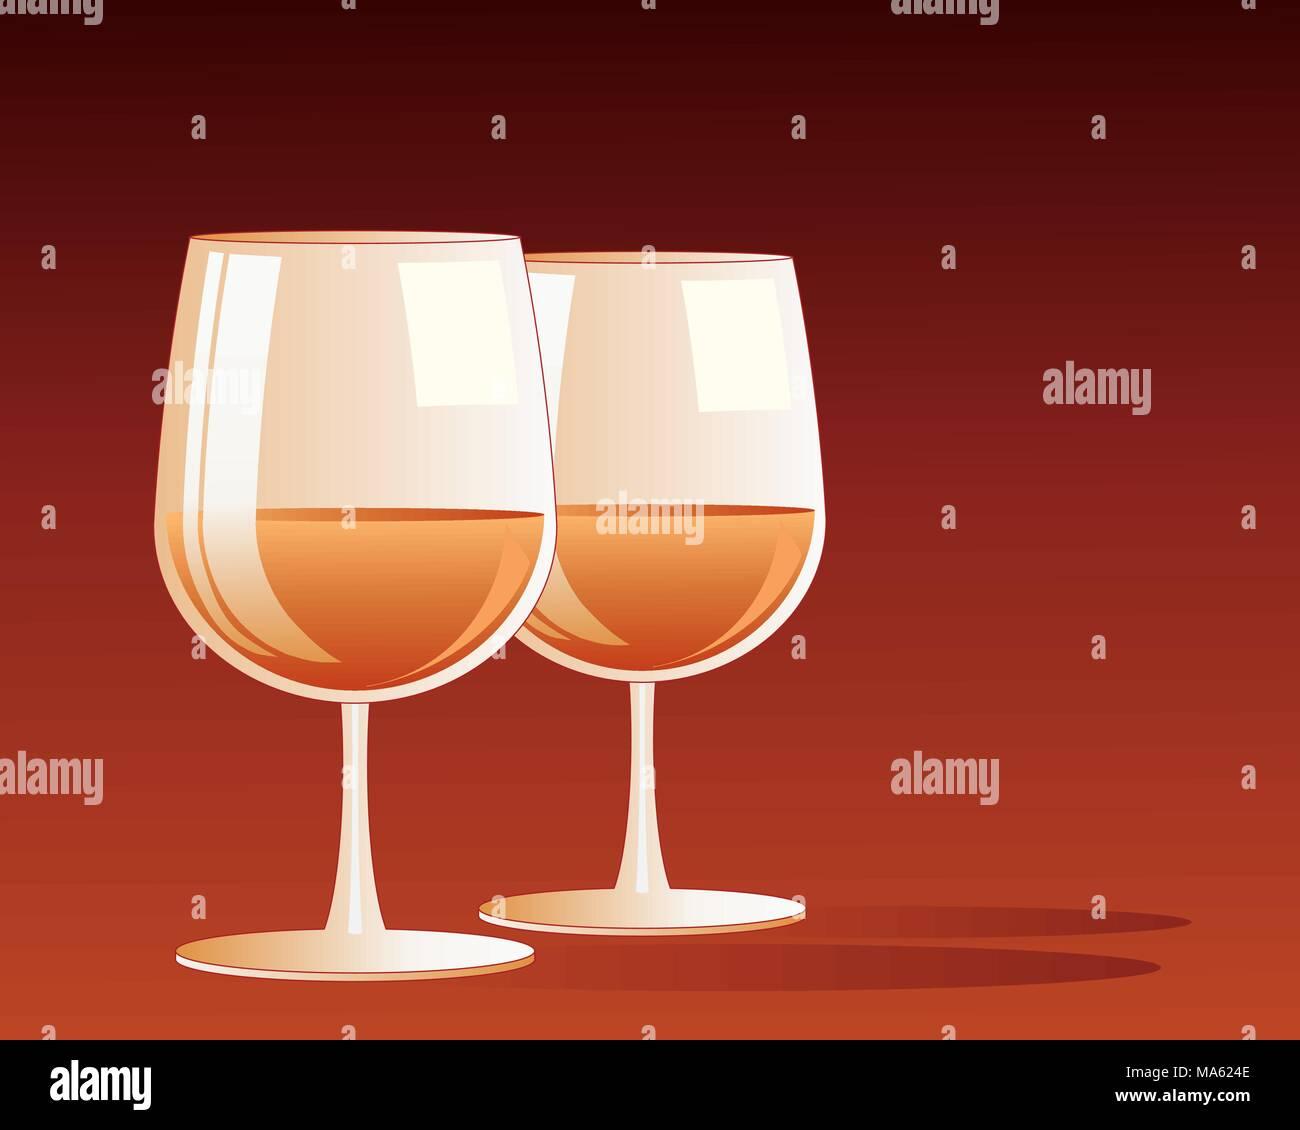 Una illustrazione vettoriale in formato eps formato 10 di due bicchieri con caldo oro brandy drink all'interno su un profondo sfondo rosso Immagini Stock